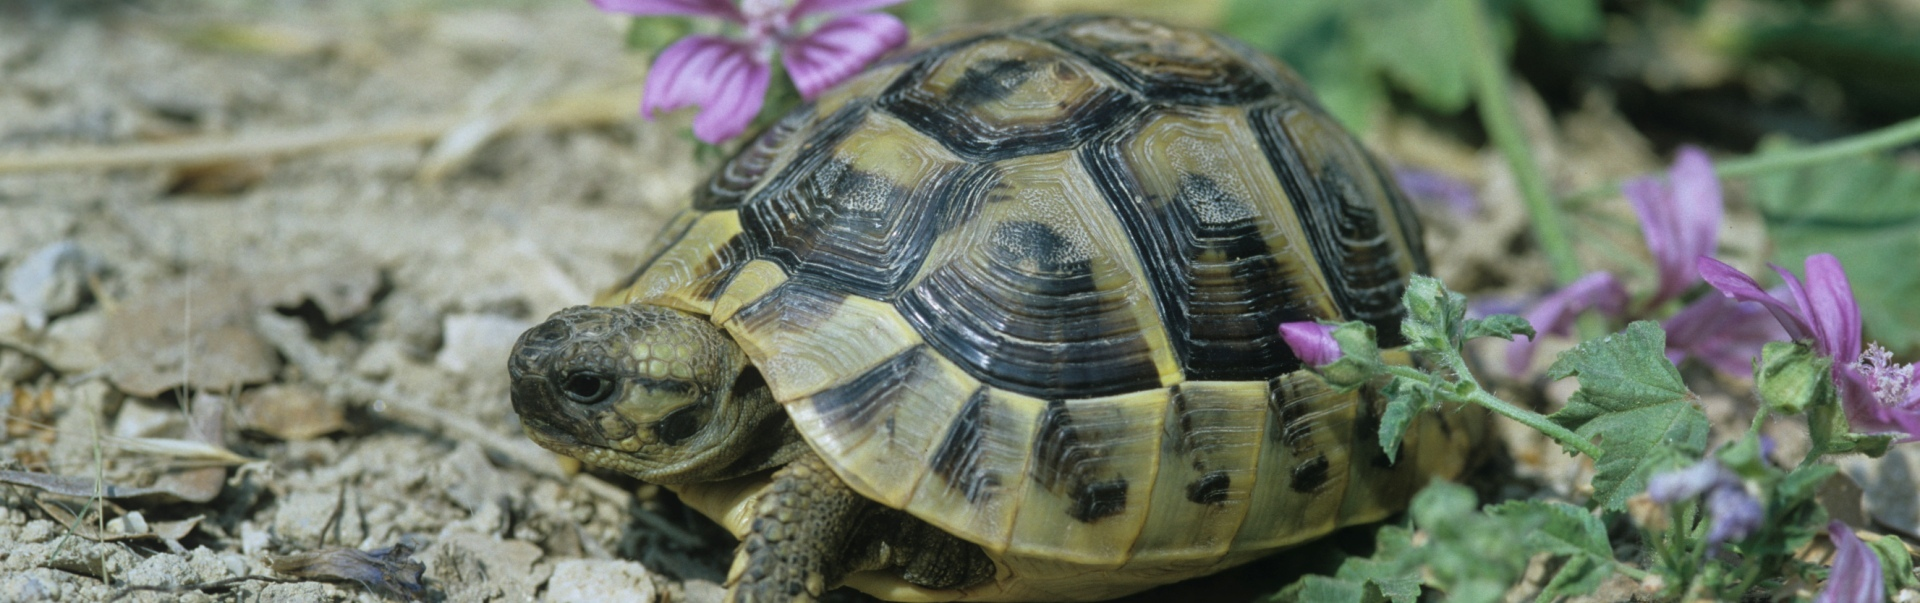 Cât de mult trăiește o broască țestoasă?